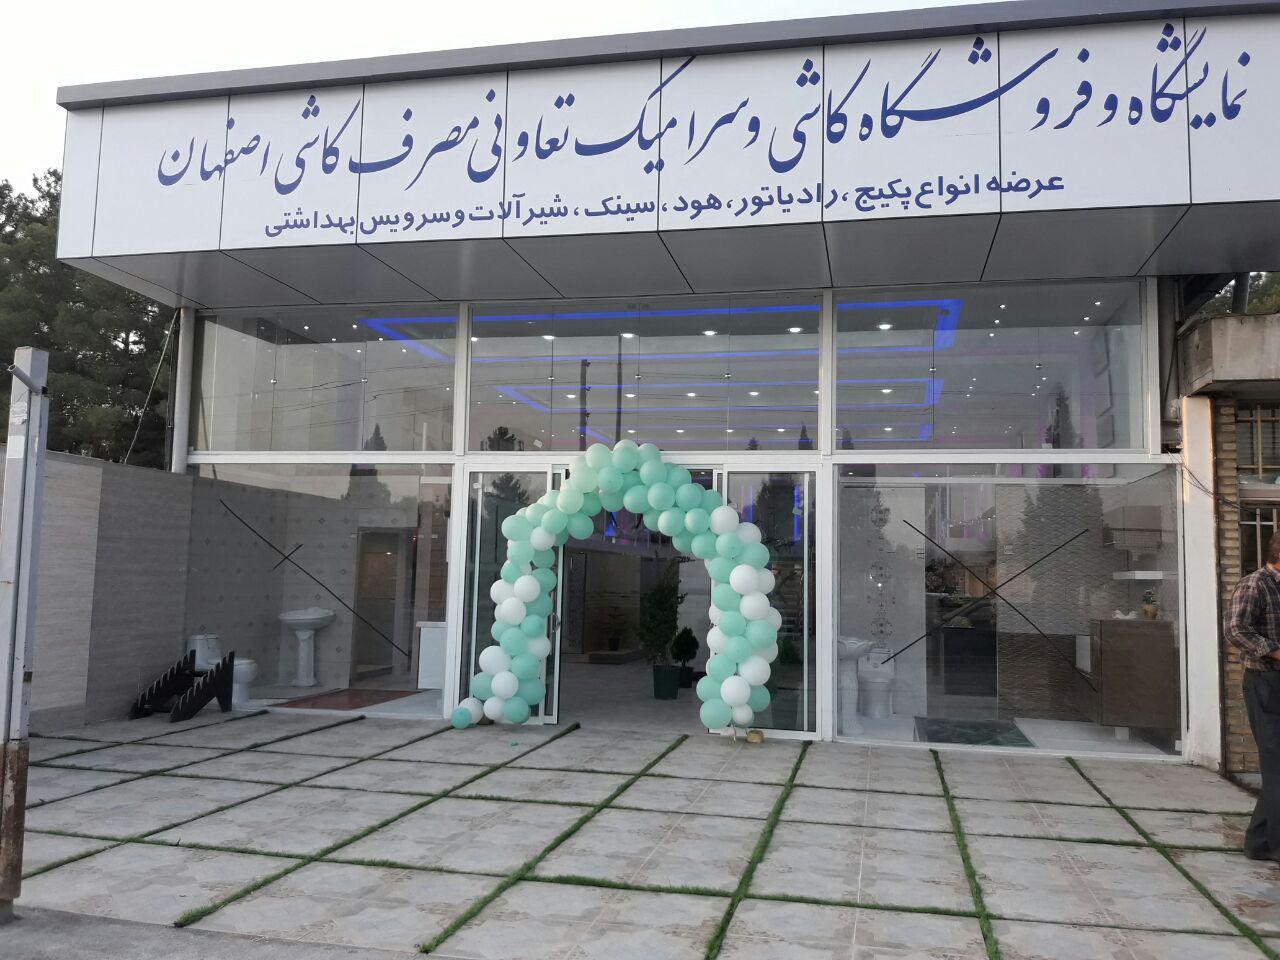 افتتاح شرکت تعاونی «کاشی اصفهان»+چند سوال و تصویر